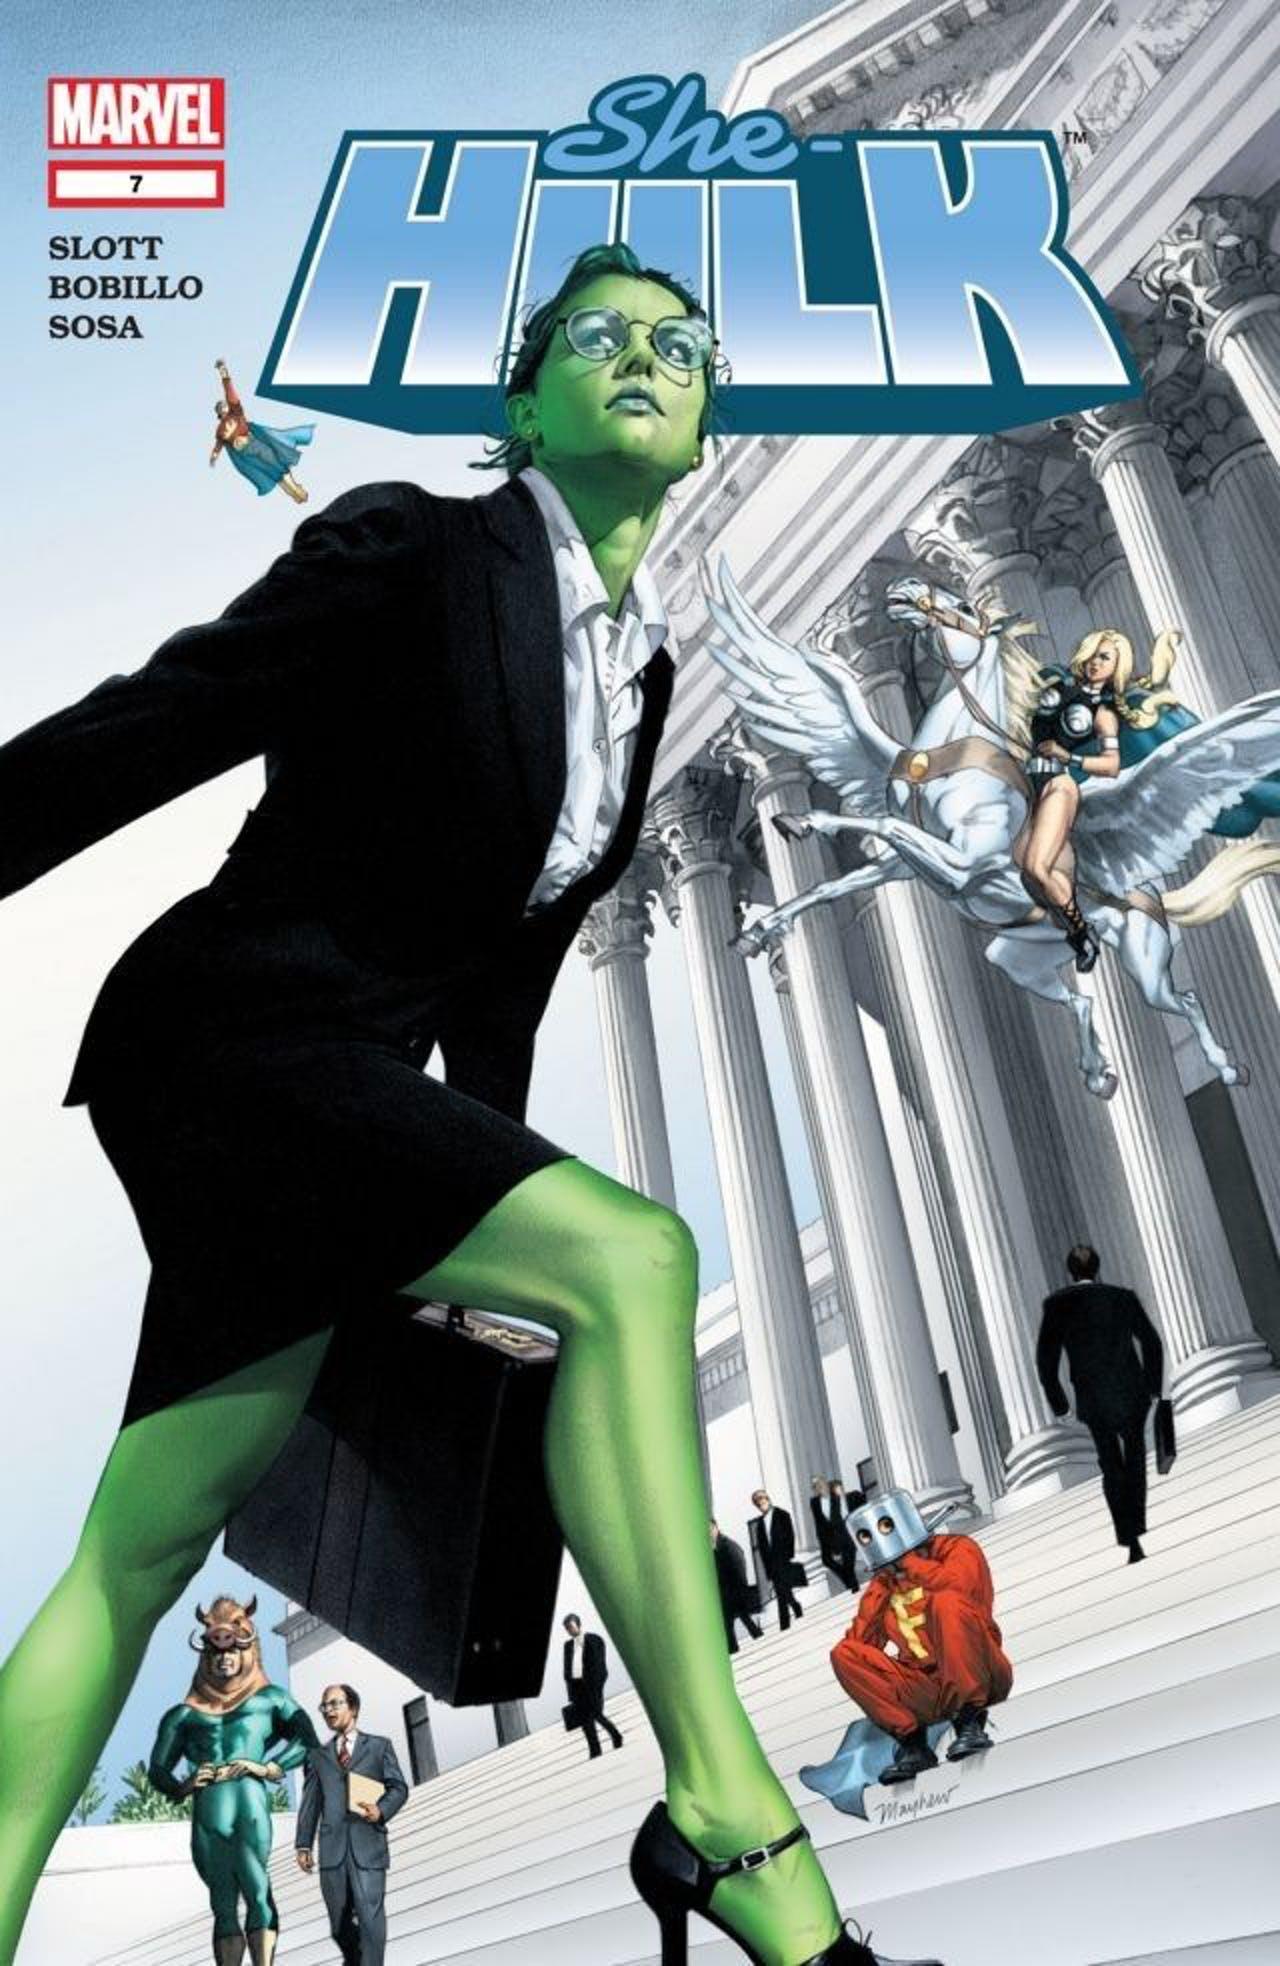 Marvel Comics Disney + She Hulk issue 7 2004 Greg Land art